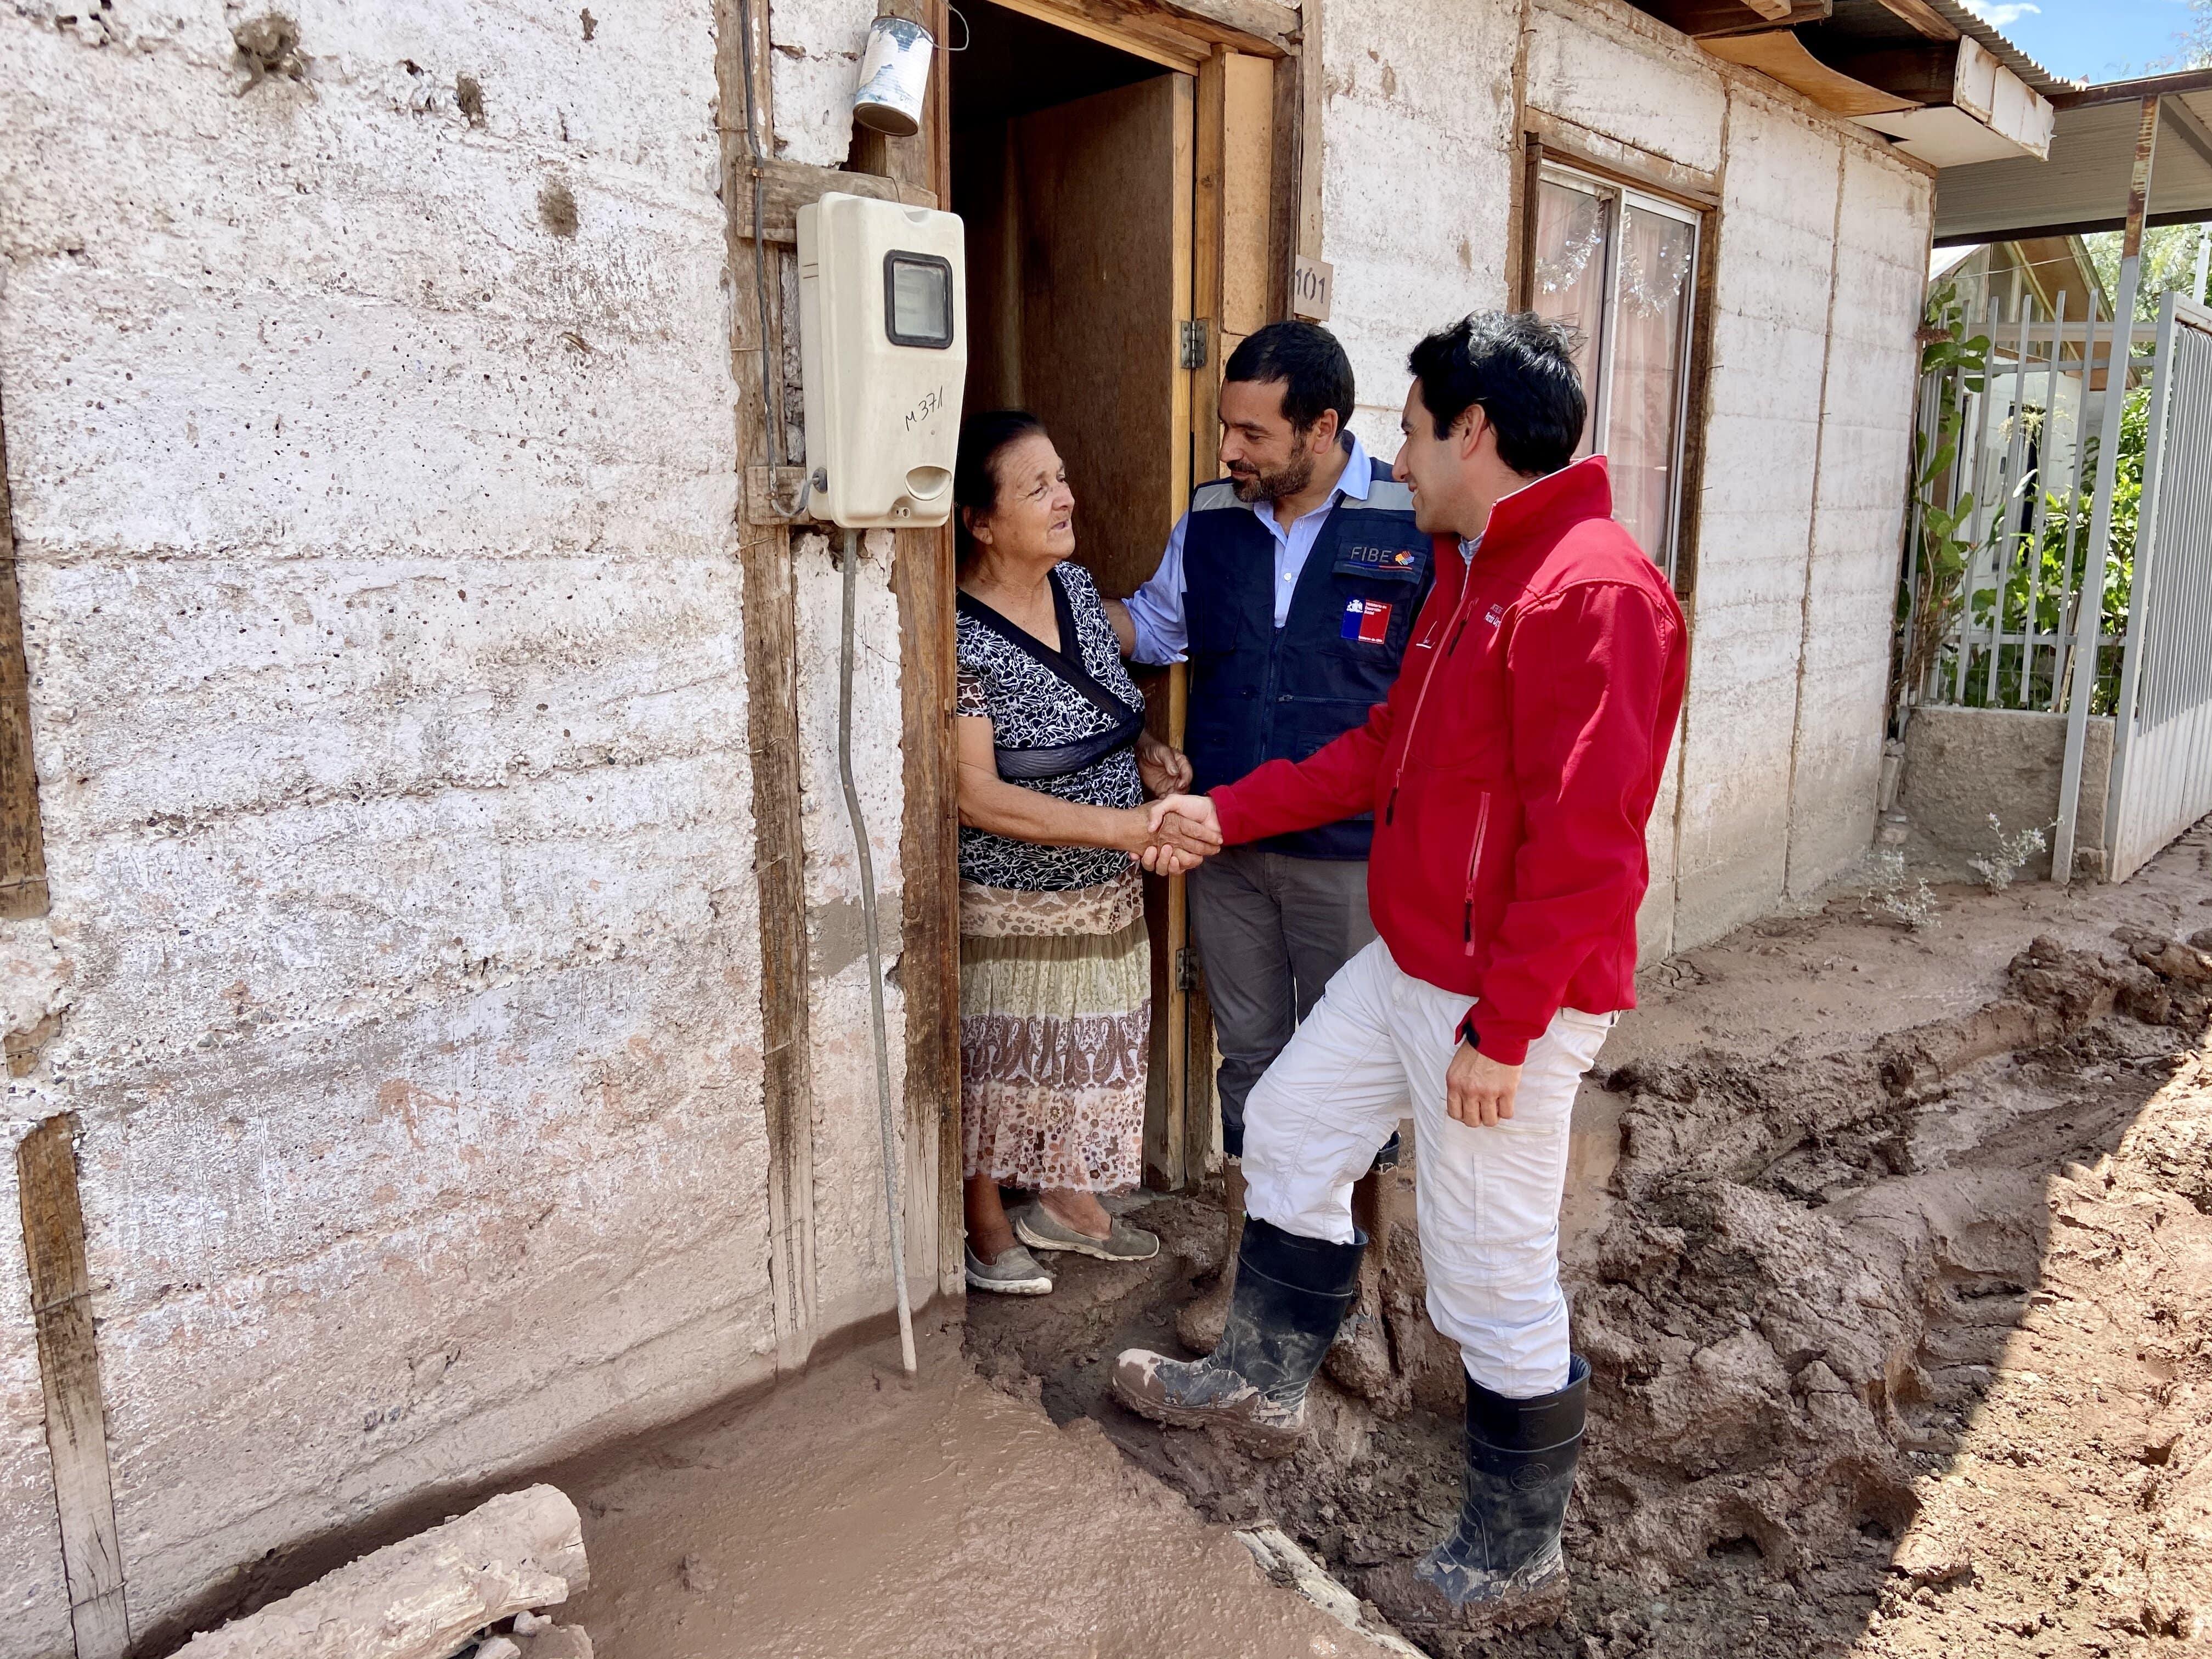 Gobierno se despliega en terreno para aplicar la Ficha Básica de Emergencia a los afectados por aluvión en la región de Atacama